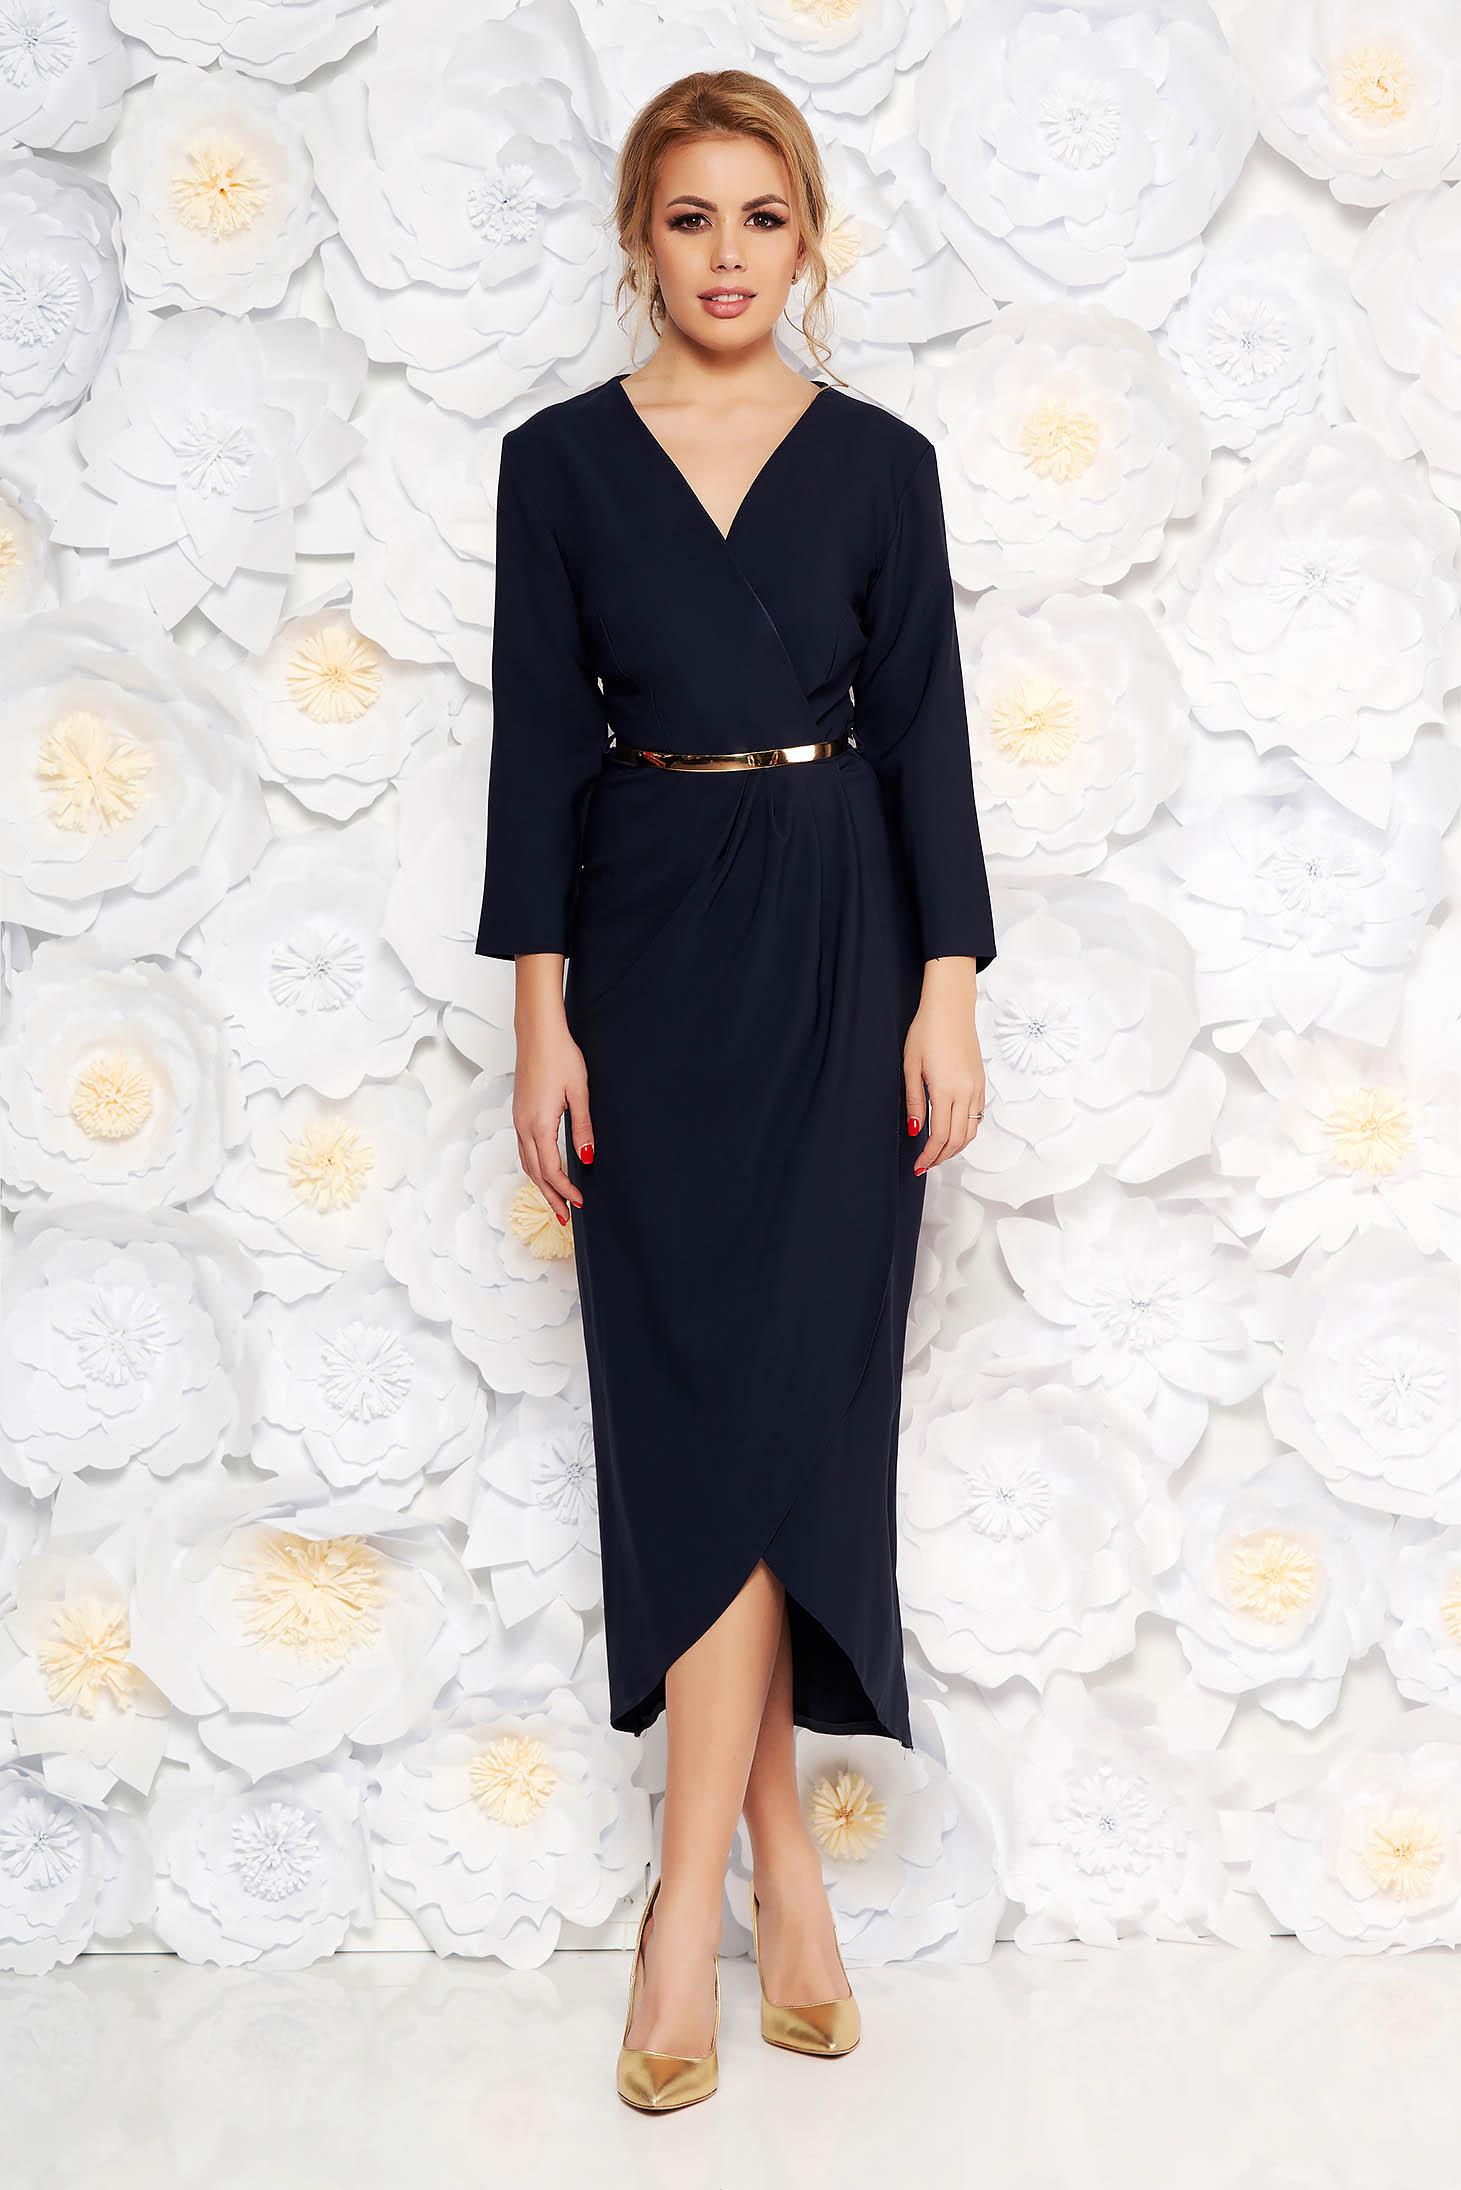 Rochie albastra-inchis eleganta din stofa subtire usor elastica captusita pe interior cu accesoriu tip curea